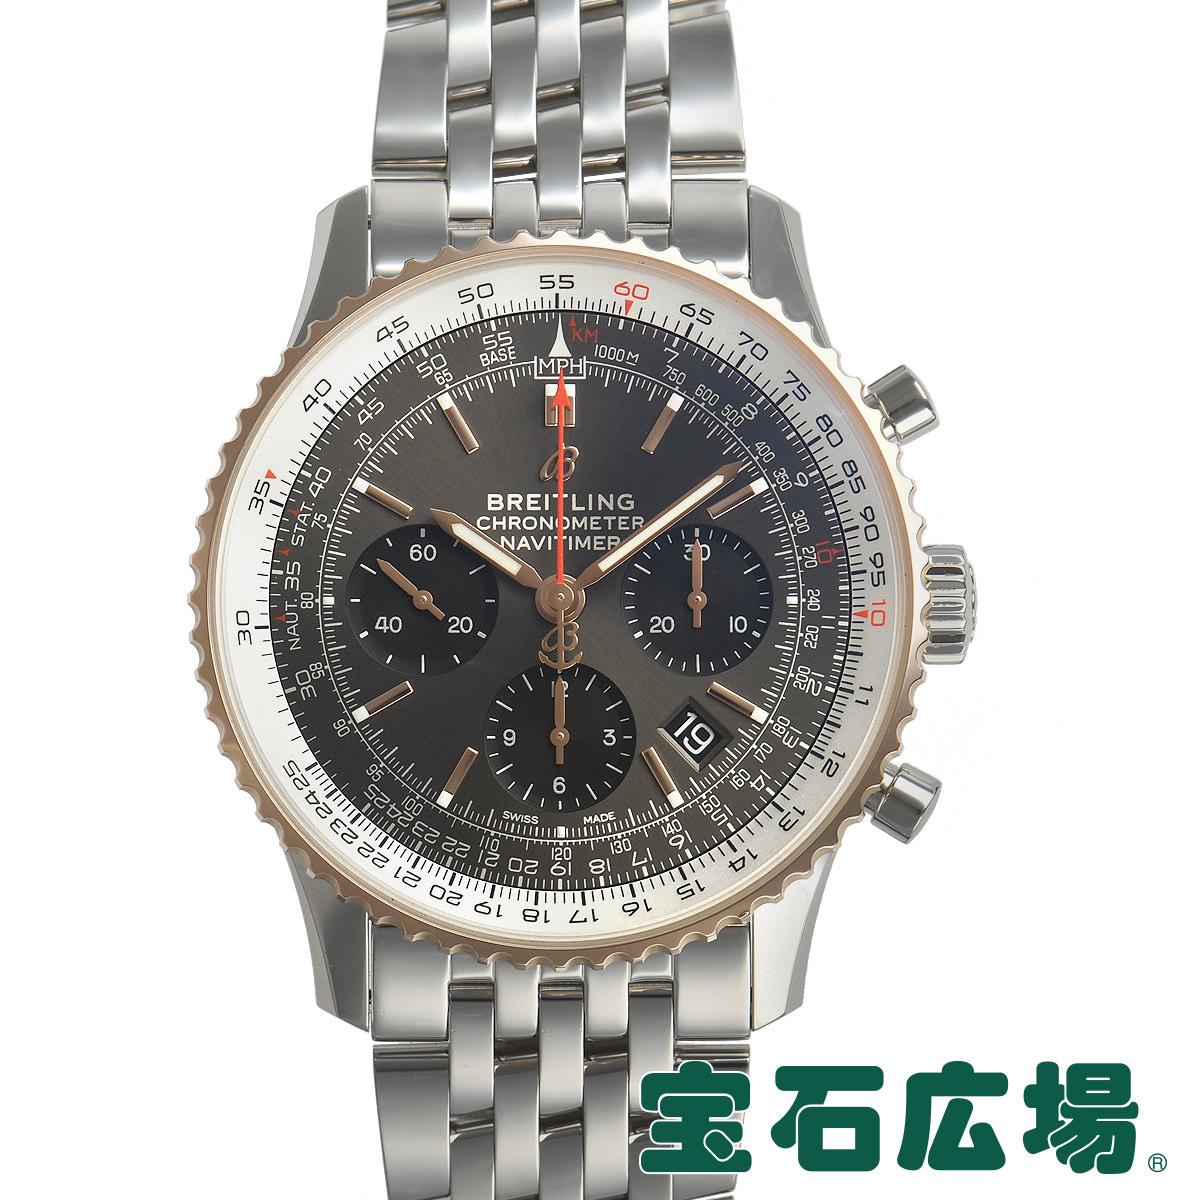 ブライトリング BREITLING ナビタイマー1 B01 クロノグラフ43 U022F-1NP(UB0121211F1A1)【中古】メンズ 腕時計 送料・代引手数料無料